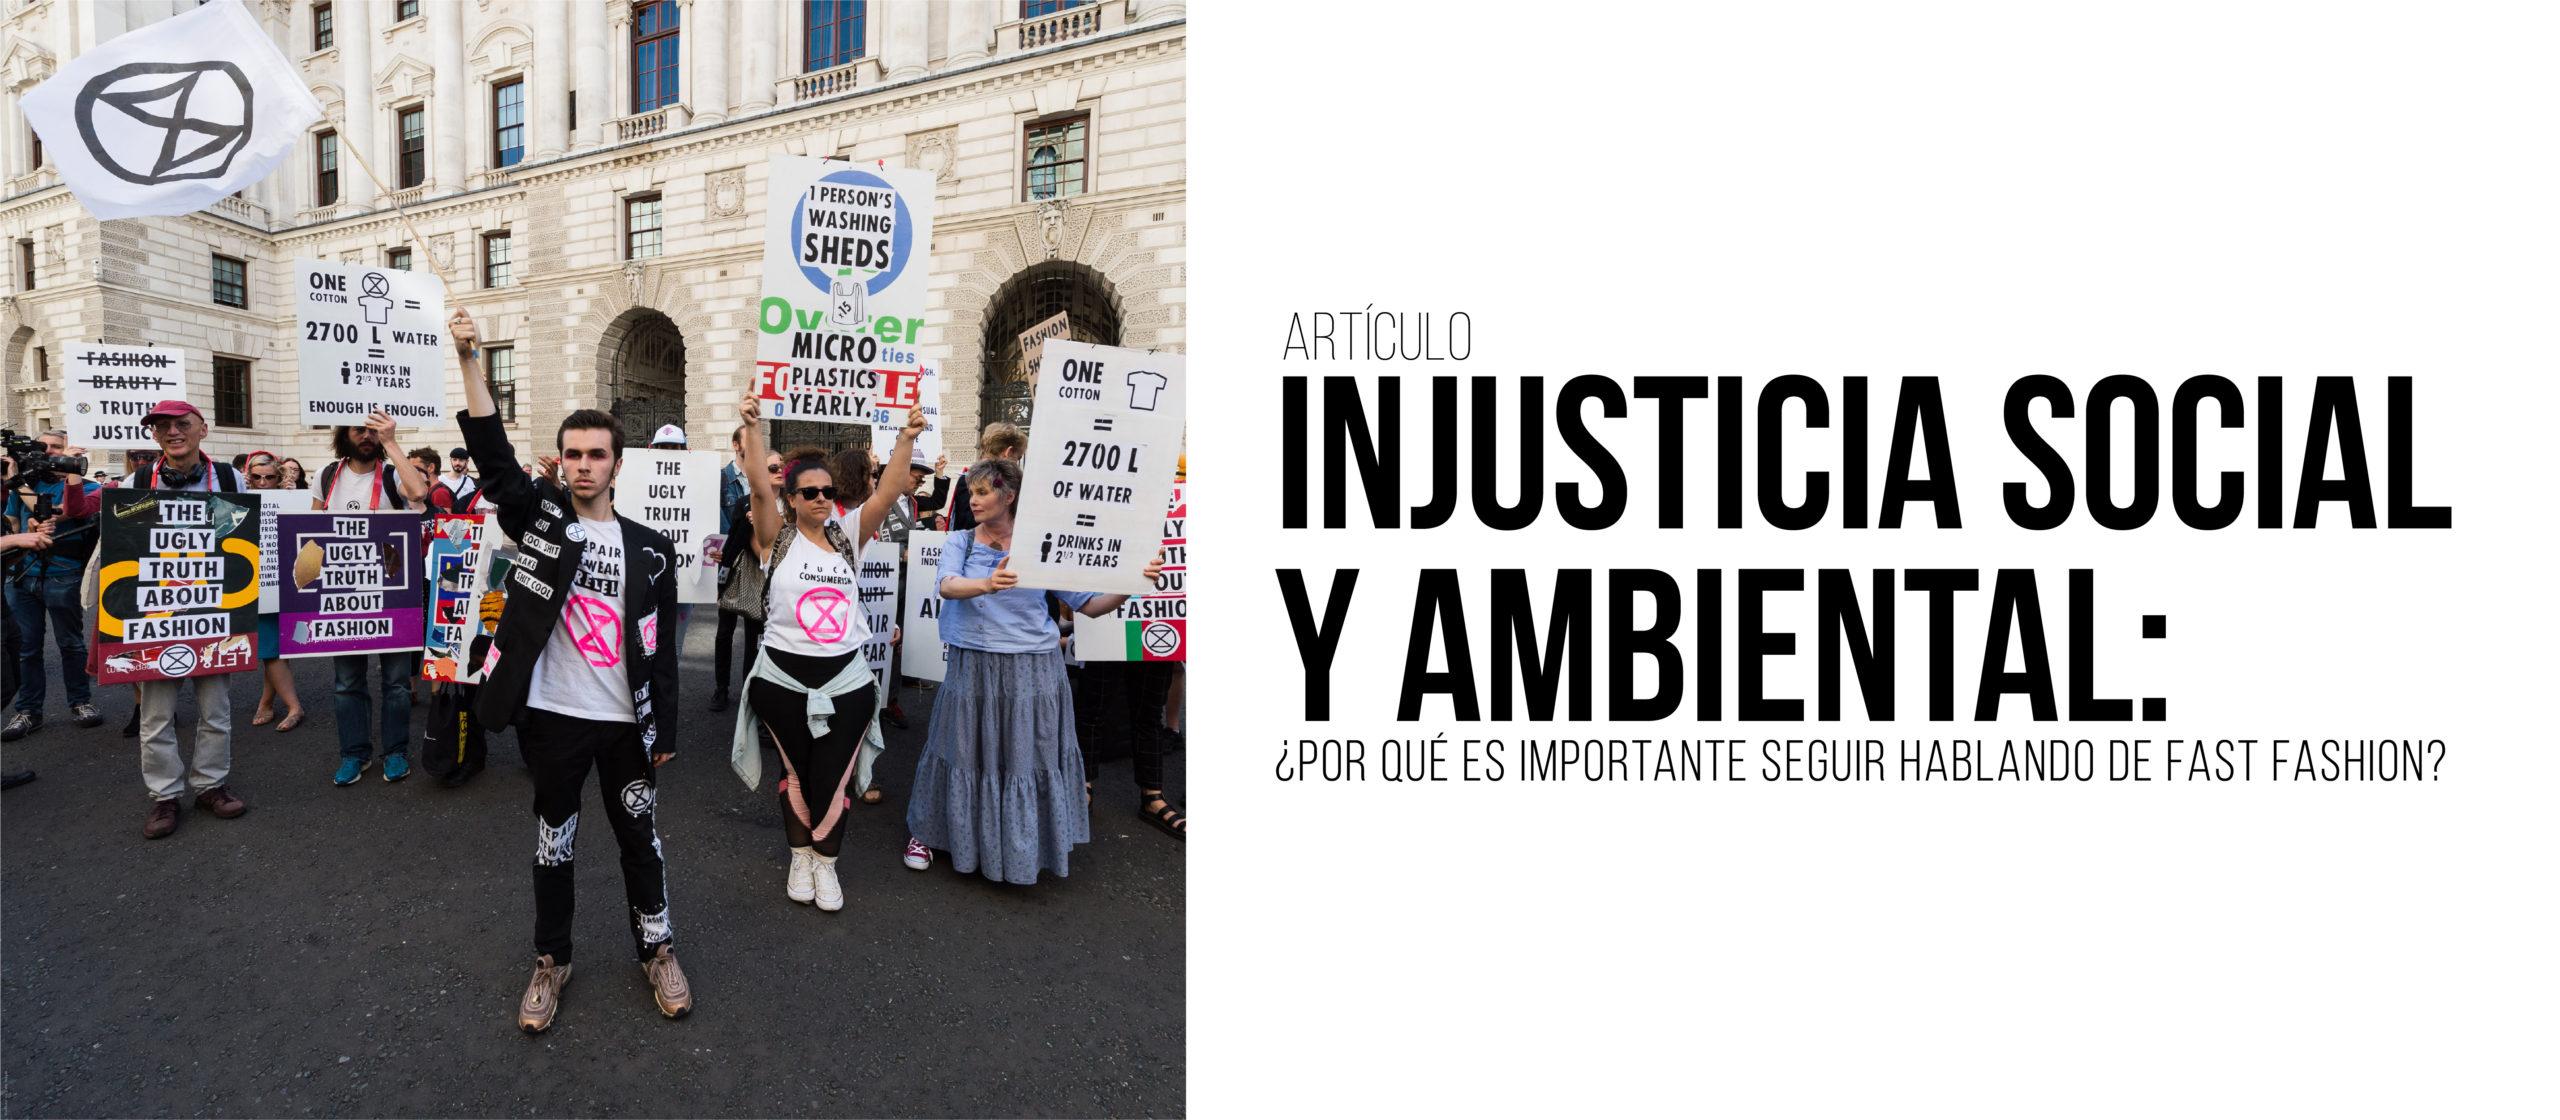 Injusticia social y ambiental: ¿Por qué es importante seguir hablando de Fast Fashion?